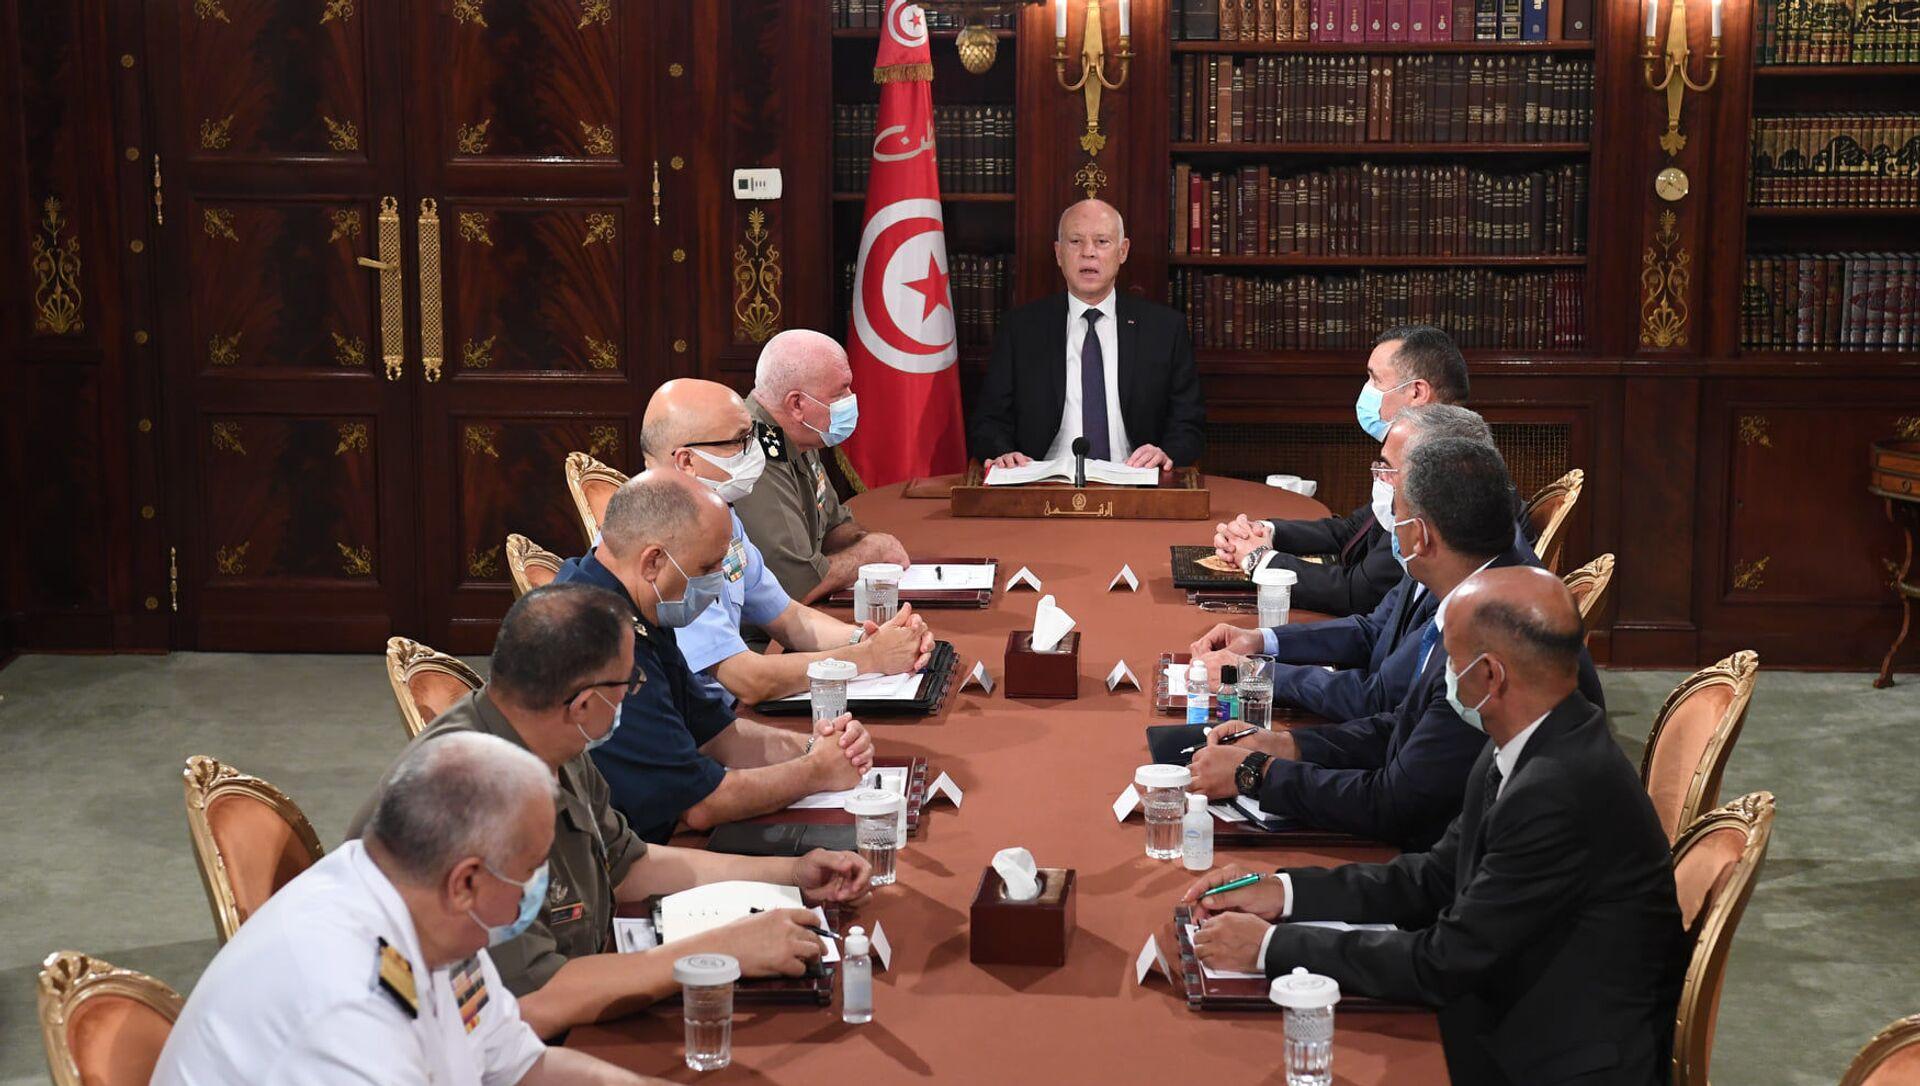 Tunus'un başkenti Tunus'ta askeri komuta kademesi ve güvenlik yetkilileriyle bir araya gelen Tunus Cumhurbaşkanı Kays Said - Sputnik Türkiye, 1920, 26.07.2021